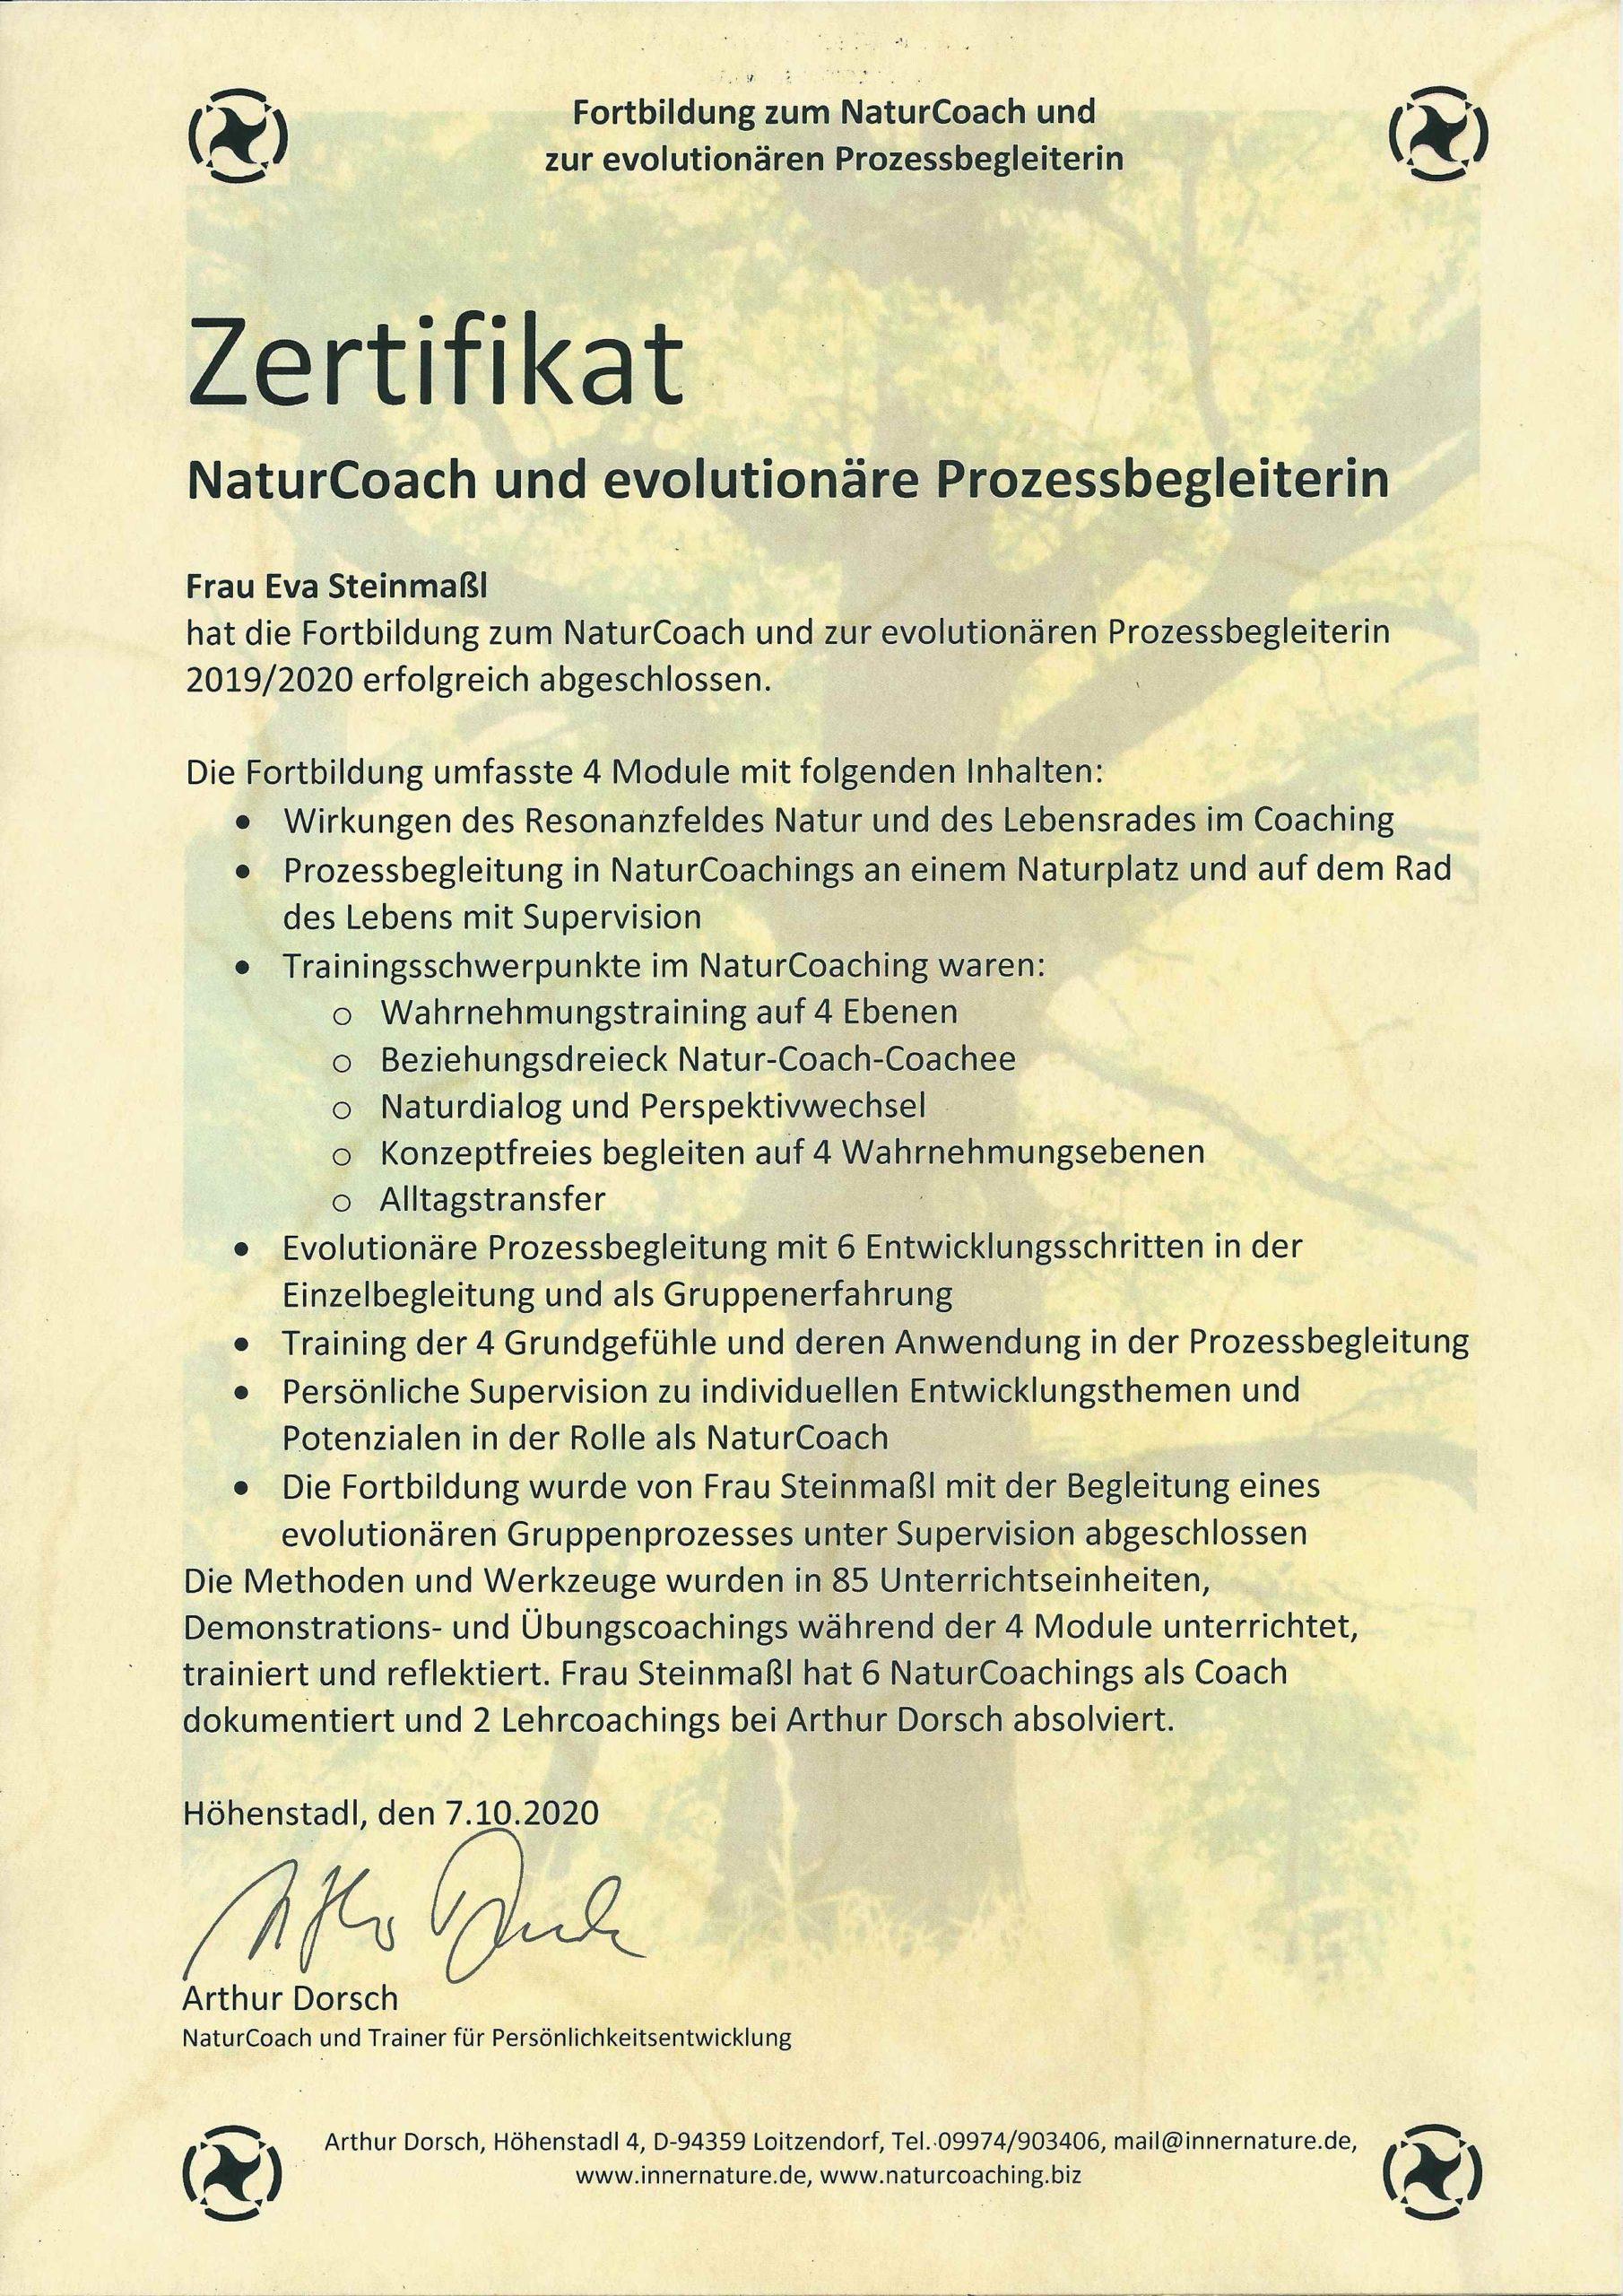 Zertifikat Natur Coach